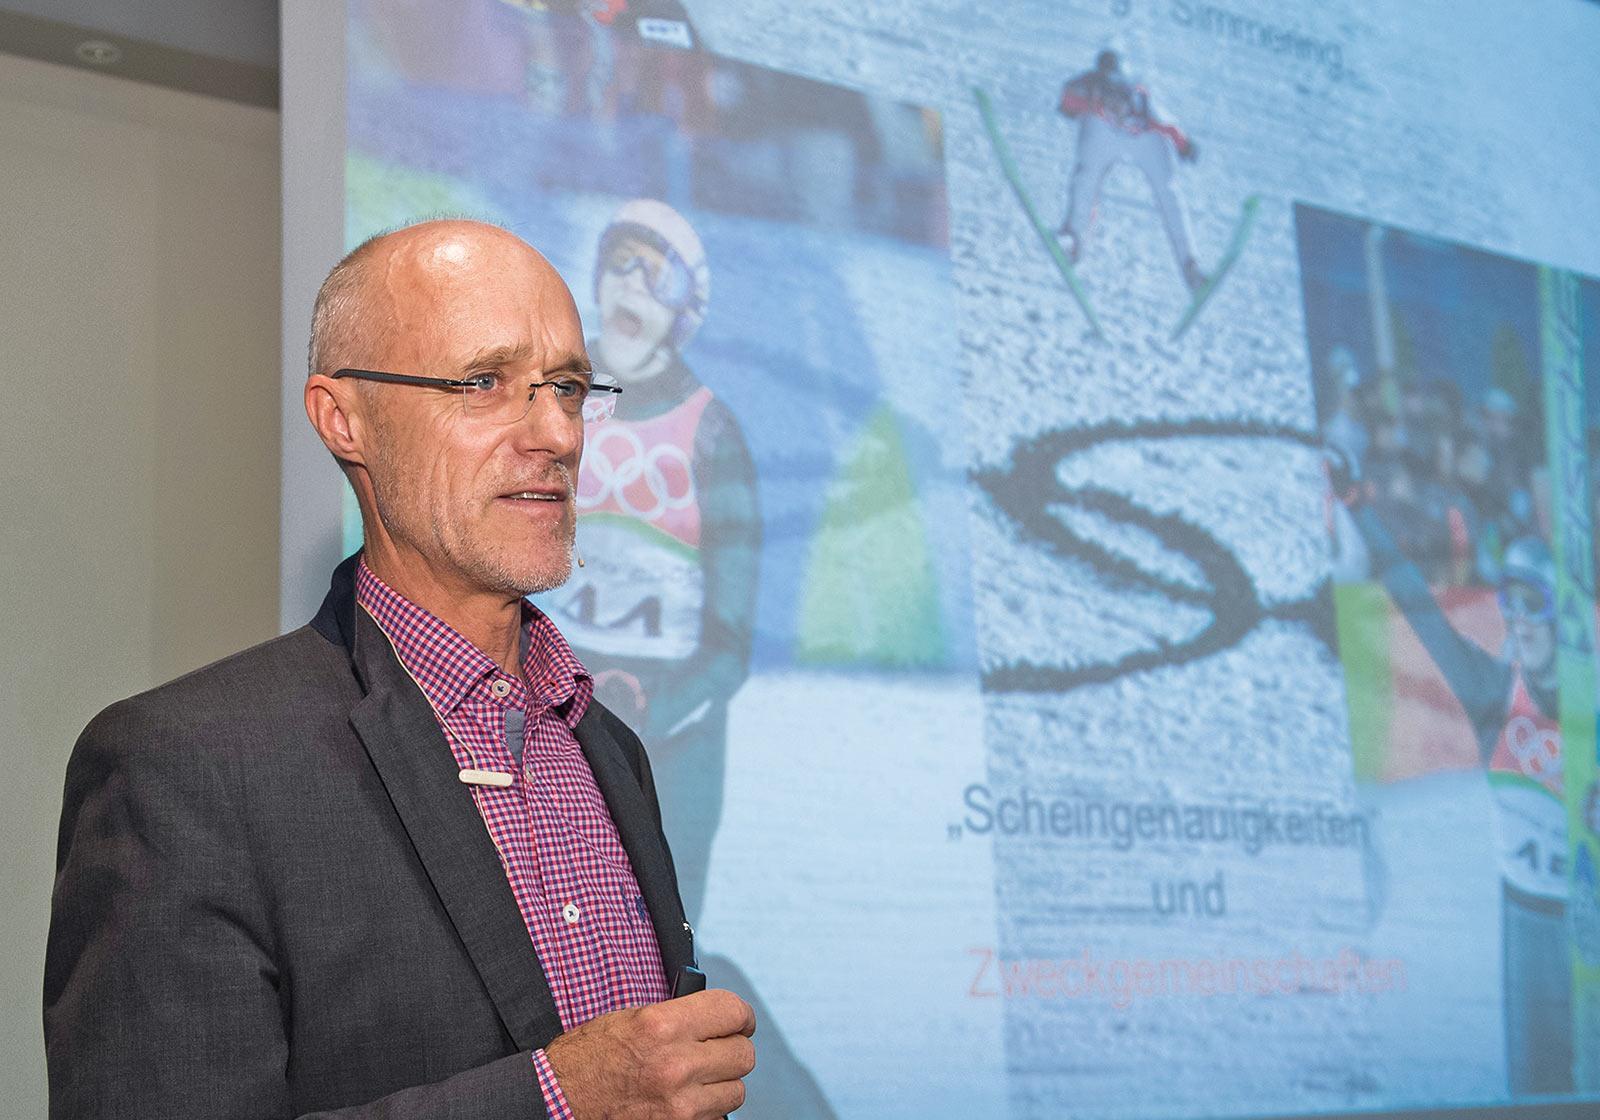 Der ehemalige österreichische Skispringer und Olympiasieger Toni Innauer über Parallelen zwischen Sport und Bauwirtschaft. Foto: Leo Hagen